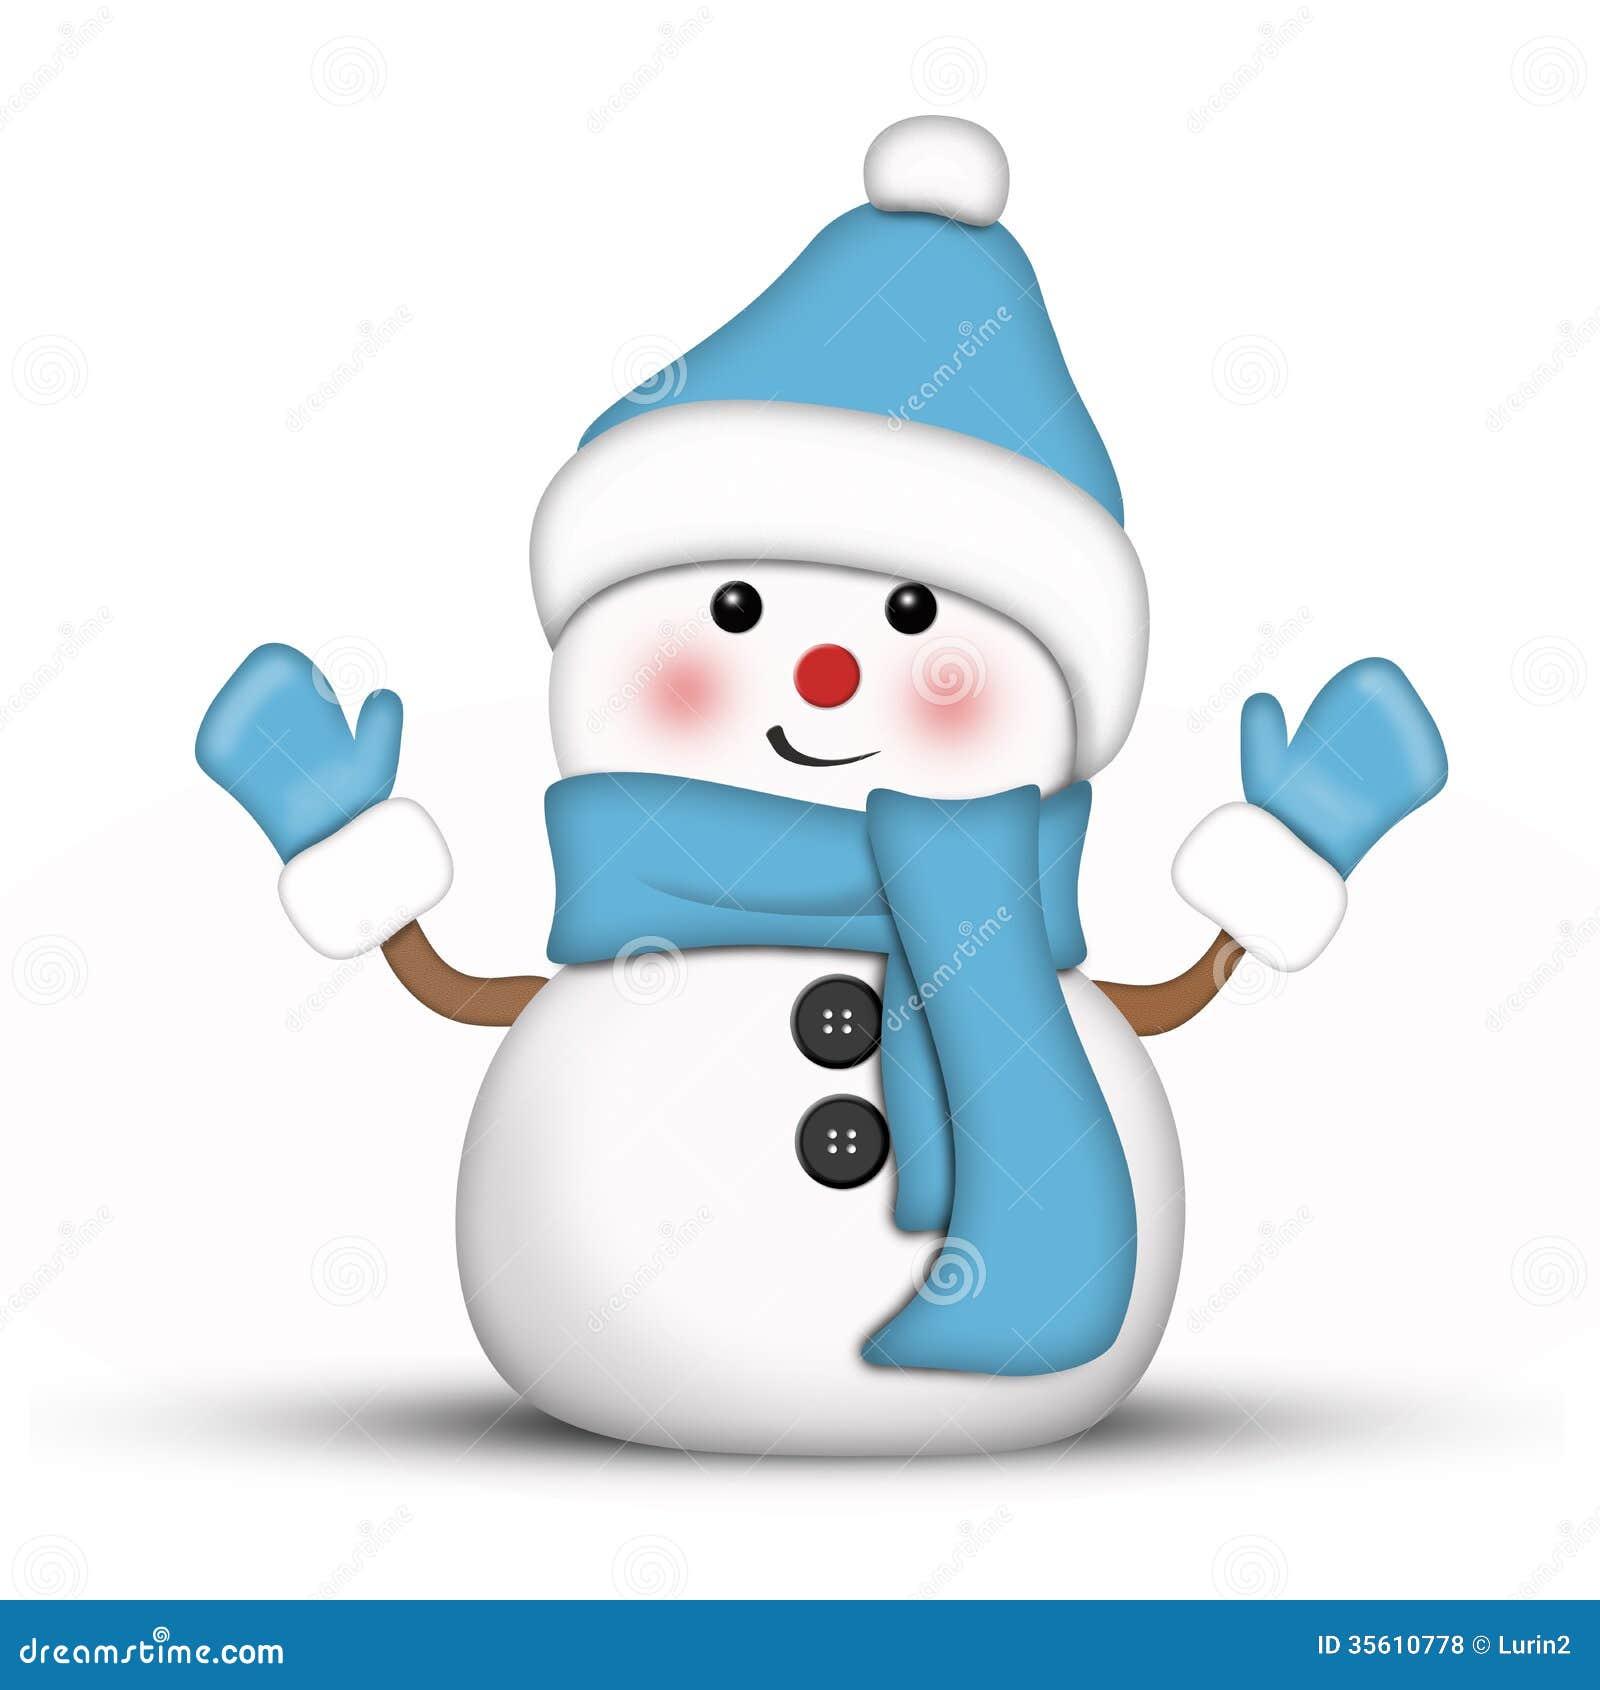 bonhomme de neige d 39 une mani re amusante habill dans le bleu photos libres de droits image. Black Bedroom Furniture Sets. Home Design Ideas